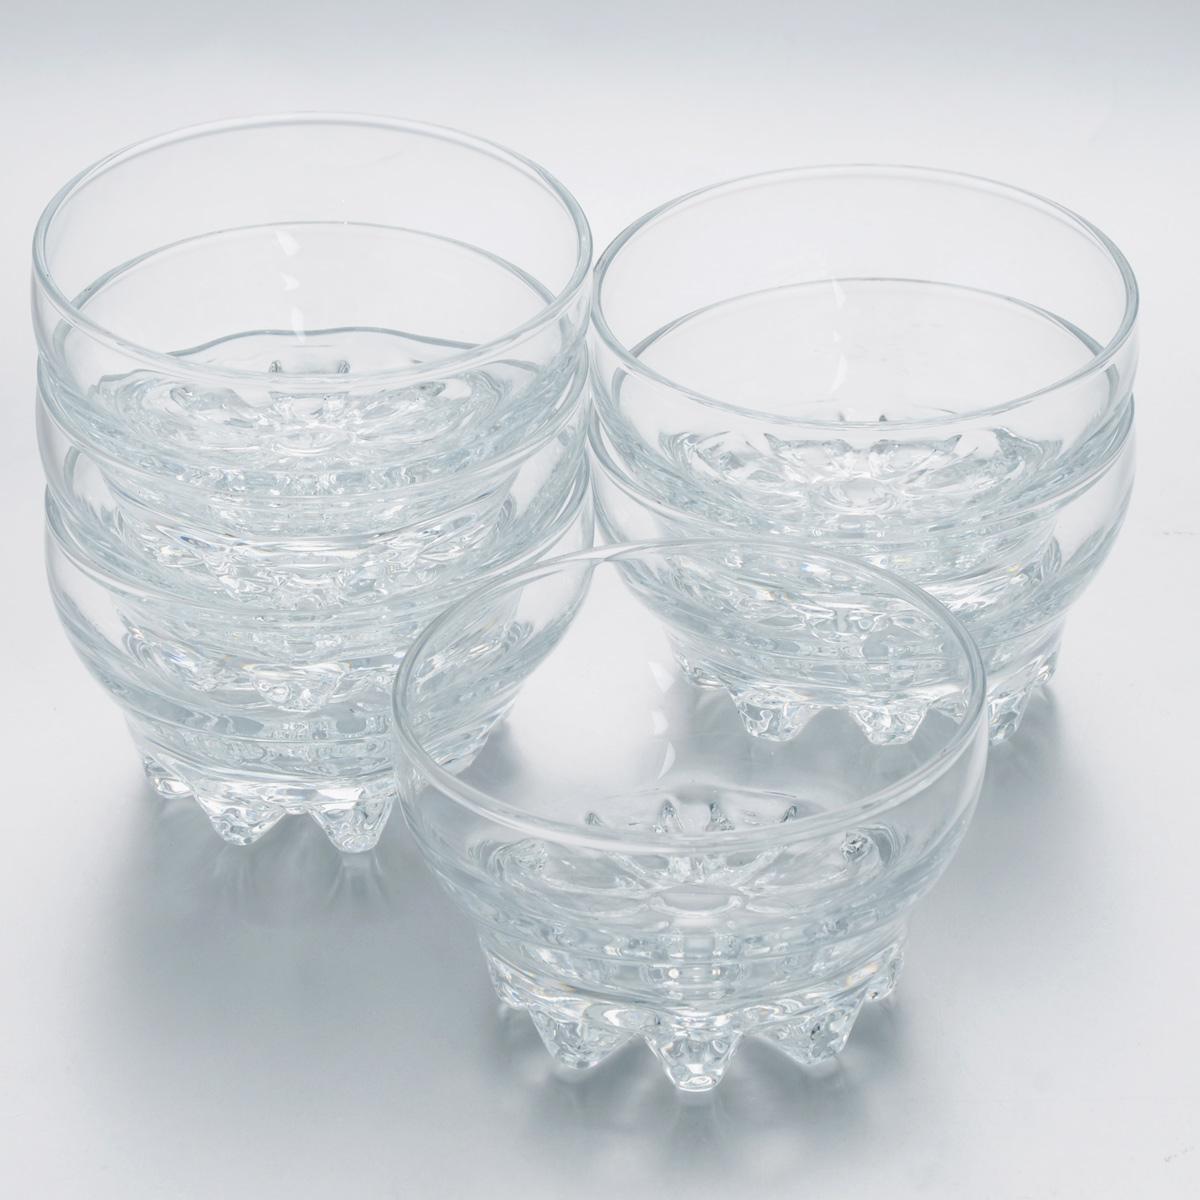 Набор салатников Pasabahce Sylvana, диаметр 10,2 см, 6 шт10250BНабор Pasabahce Sylvana, выполненный из высококачественного натрий-кальций-силикатного стекла, состоит из шести салатников. Такие салатники прекрасно подходят для порционной сервировки десертов, а также варенья, различных соусов и закусок.Изящный дизайн, высокое качество и функциональность набора Pasabahce Sylvana позволят ему стать достойным дополнением к вашему кухонному инвентарю.Можно мыть в посудомоечной машине, использовать в микроволновой печи, холодильнике и морозильной камере.Диаметр салатника: 10,2 см.